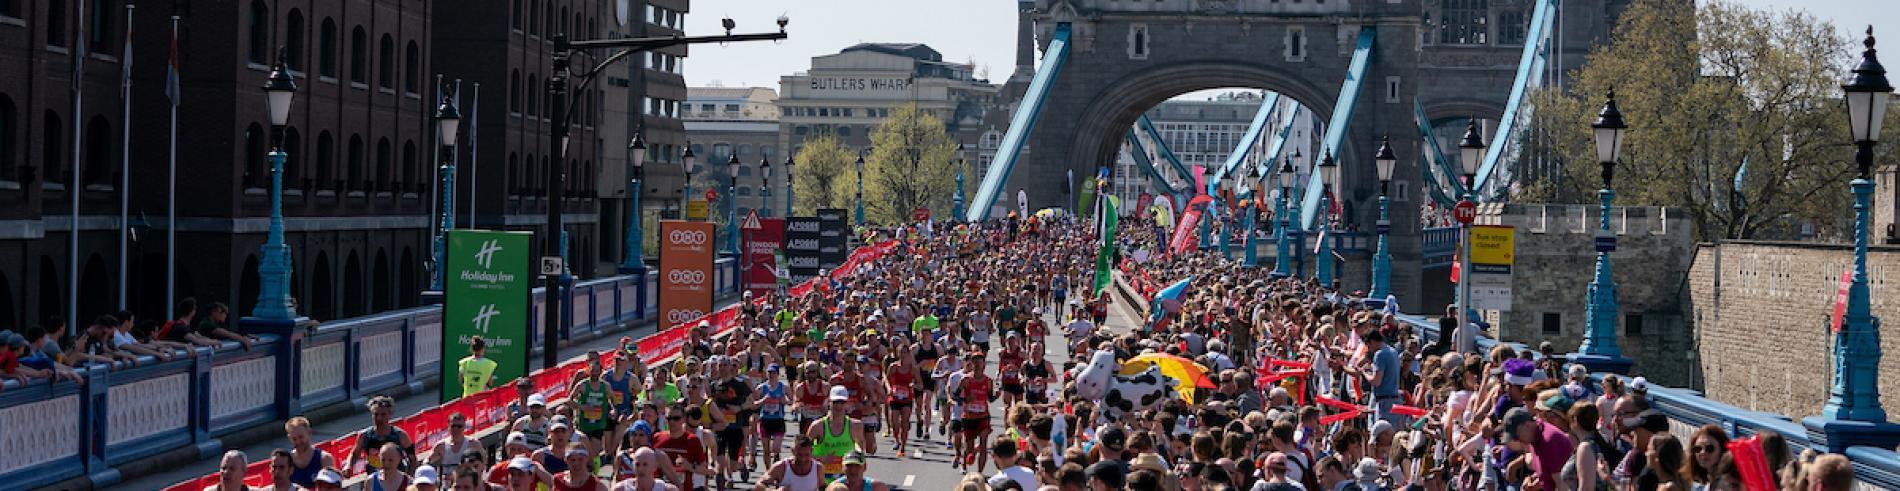 Toeschouwers en deelnemers aan de London Marathon met Tower Bridge op de achtergrond